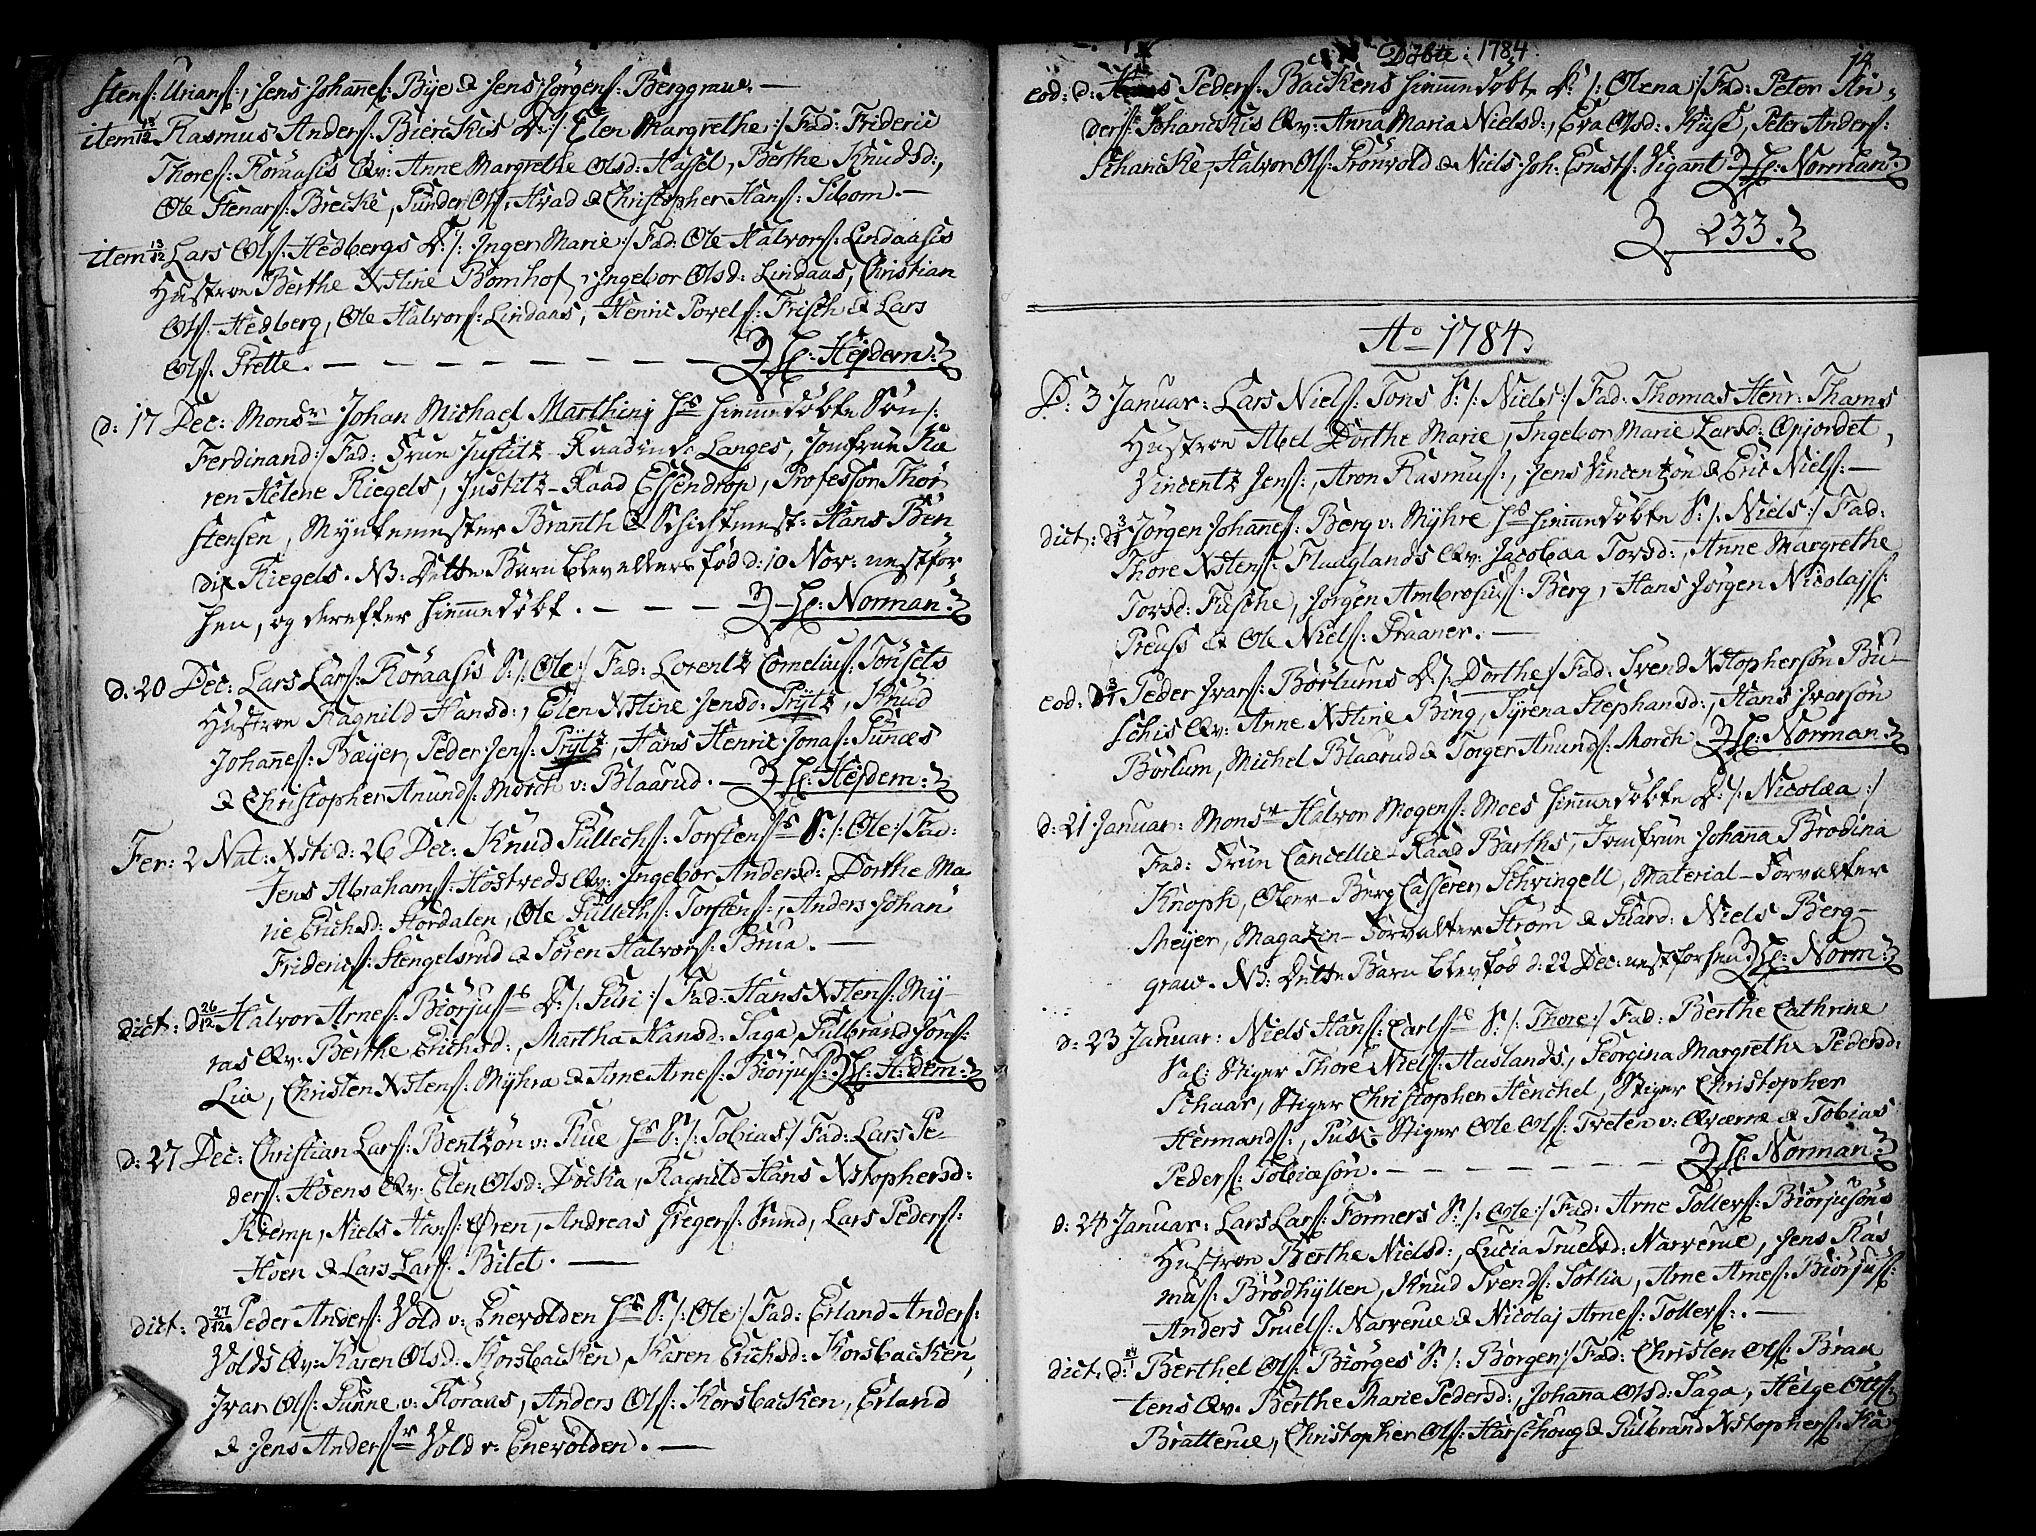 SAKO, Kongsberg kirkebøker, F/Fa/L0006: Ministerialbok nr. I 6, 1783-1797, s. 14